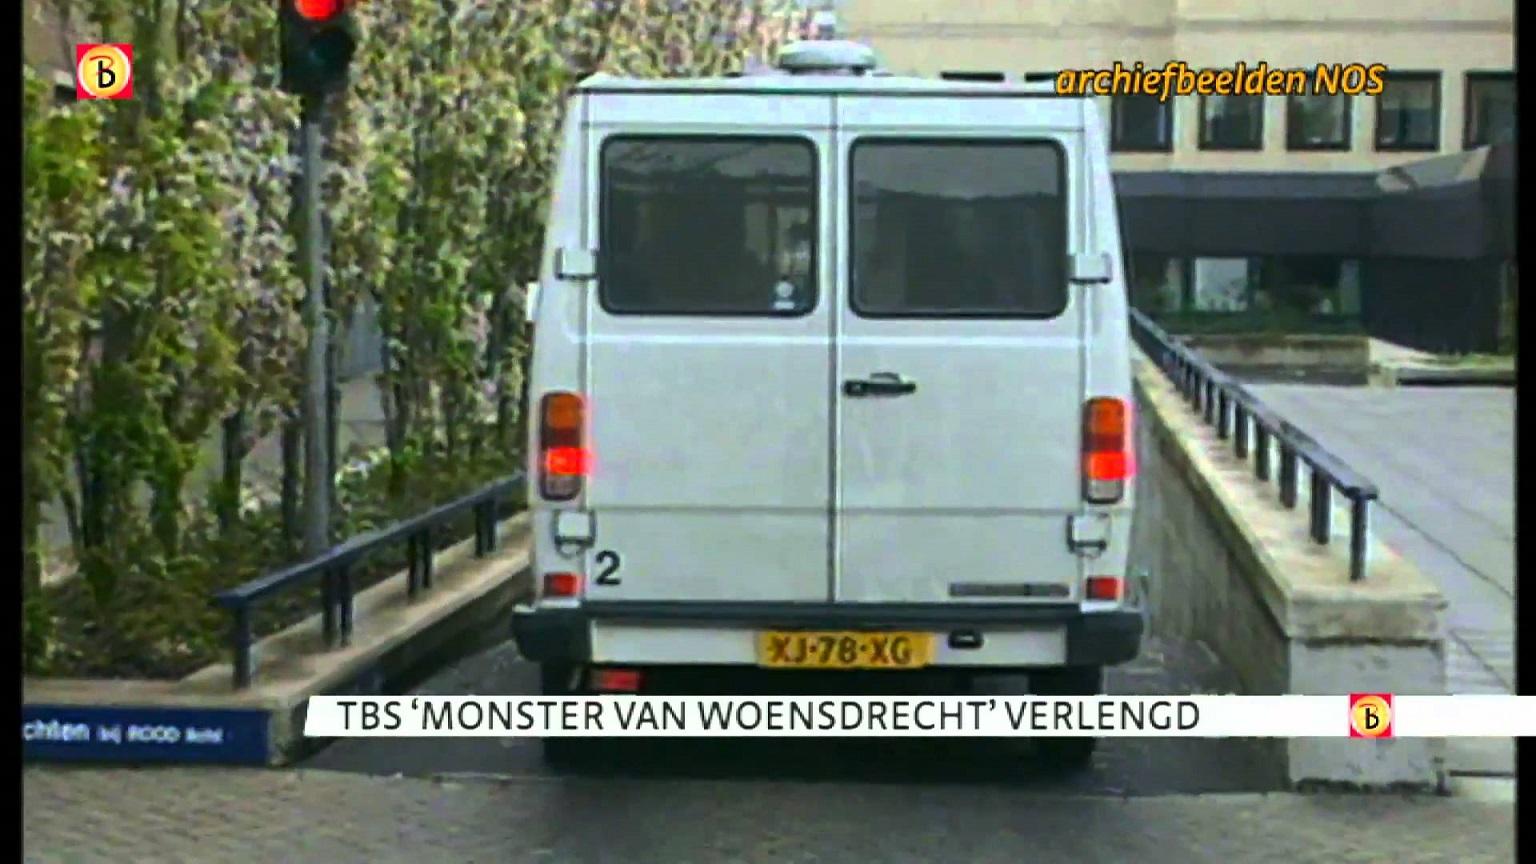 Onderzoeksjournalistiek over ophefmakende gerechtszaken in belgië